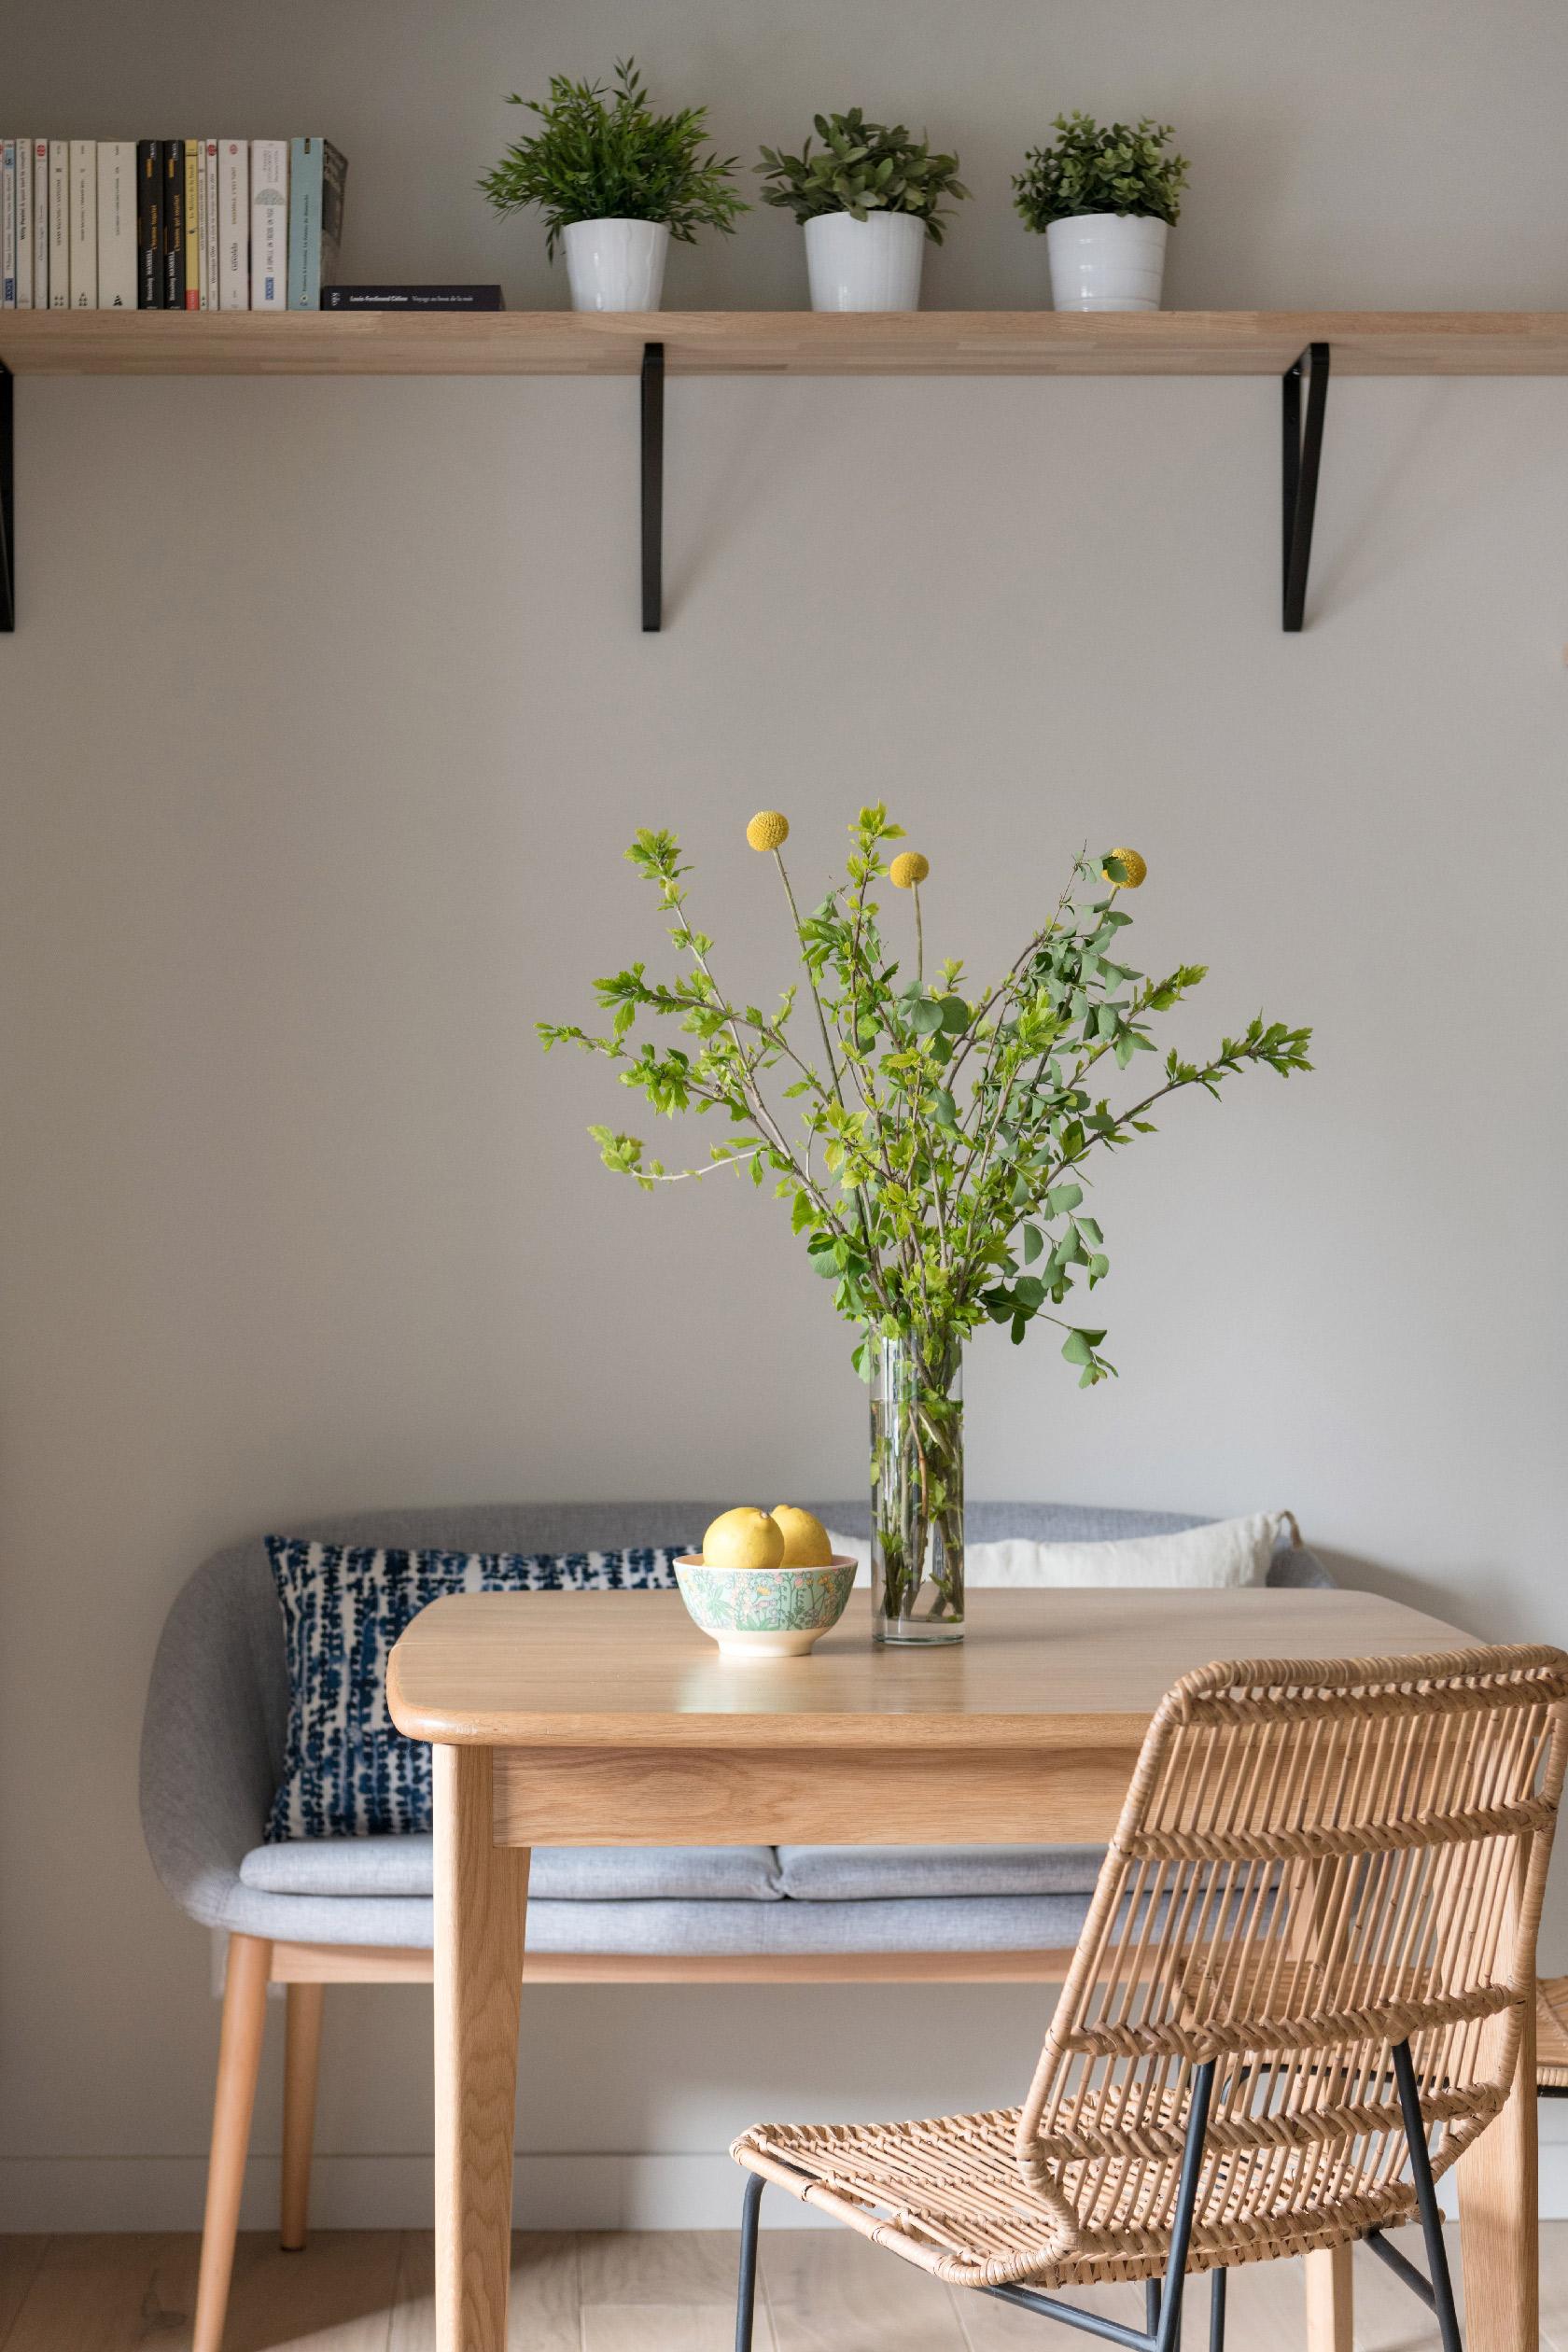 Le coin repas comprend une table extensible, deux chaises en osier, une causeuse et des coussins décoratifs.